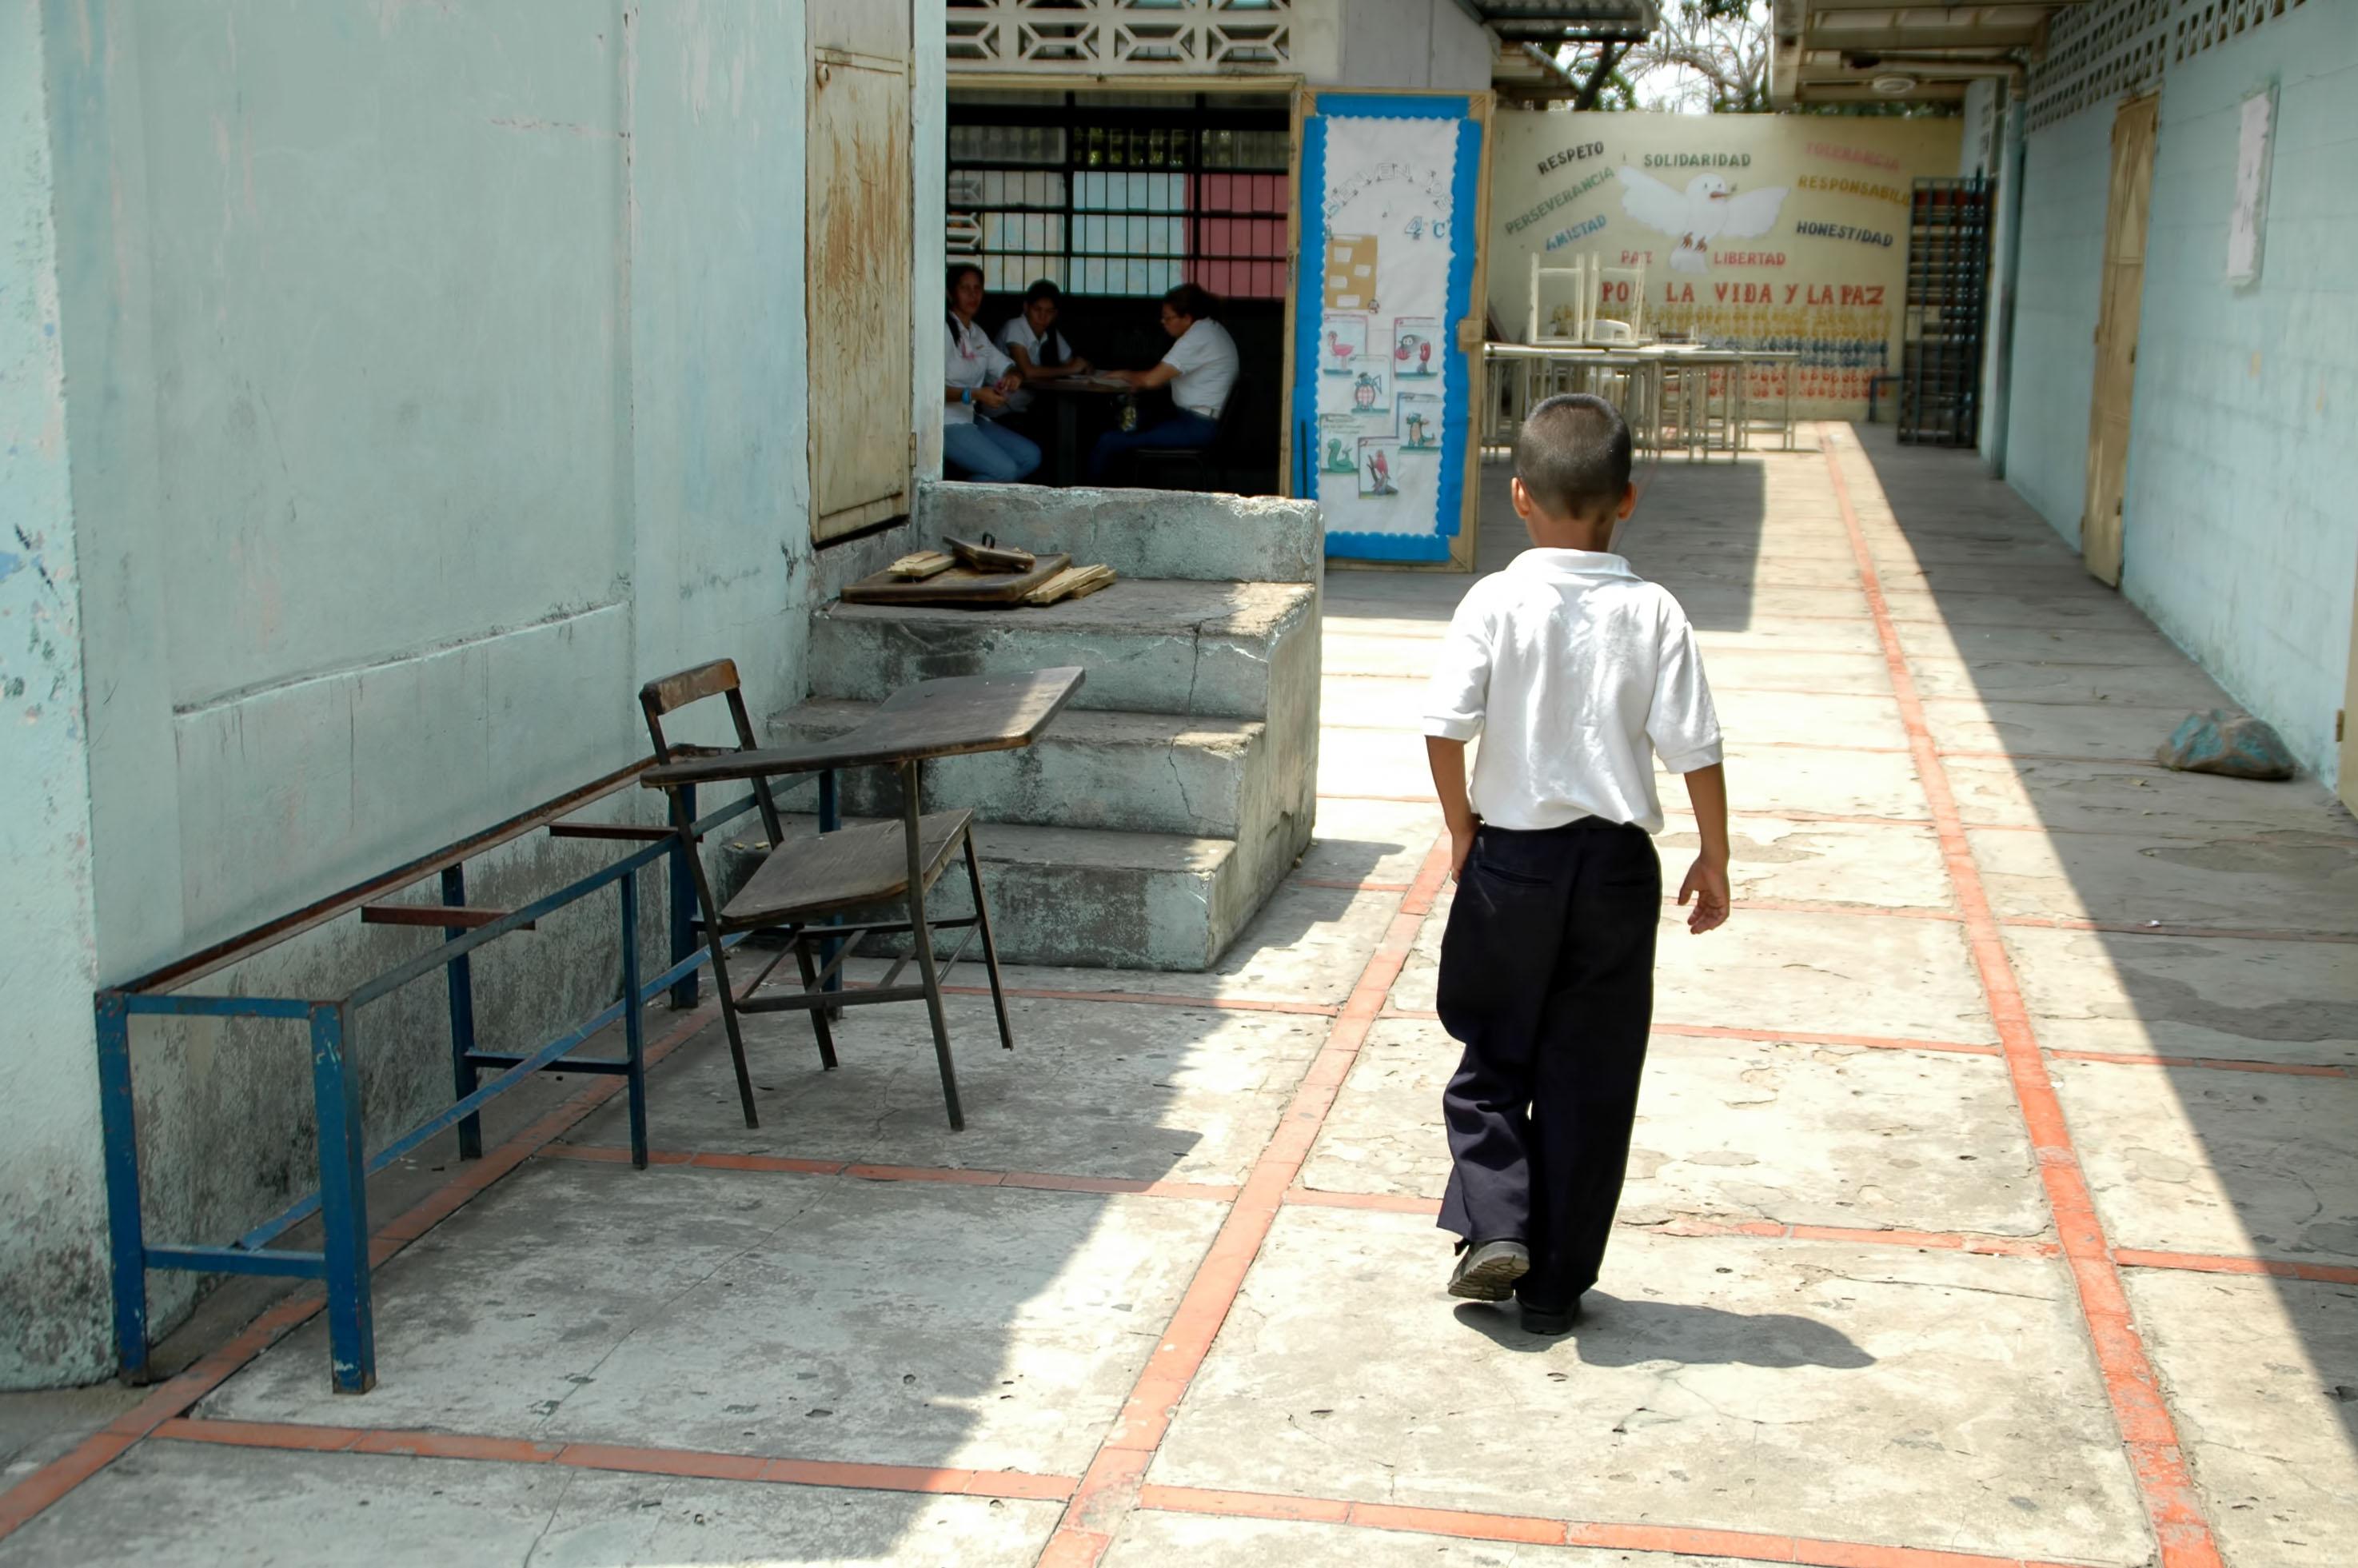 Escuelas públicas muestran carencias en infraestructuras